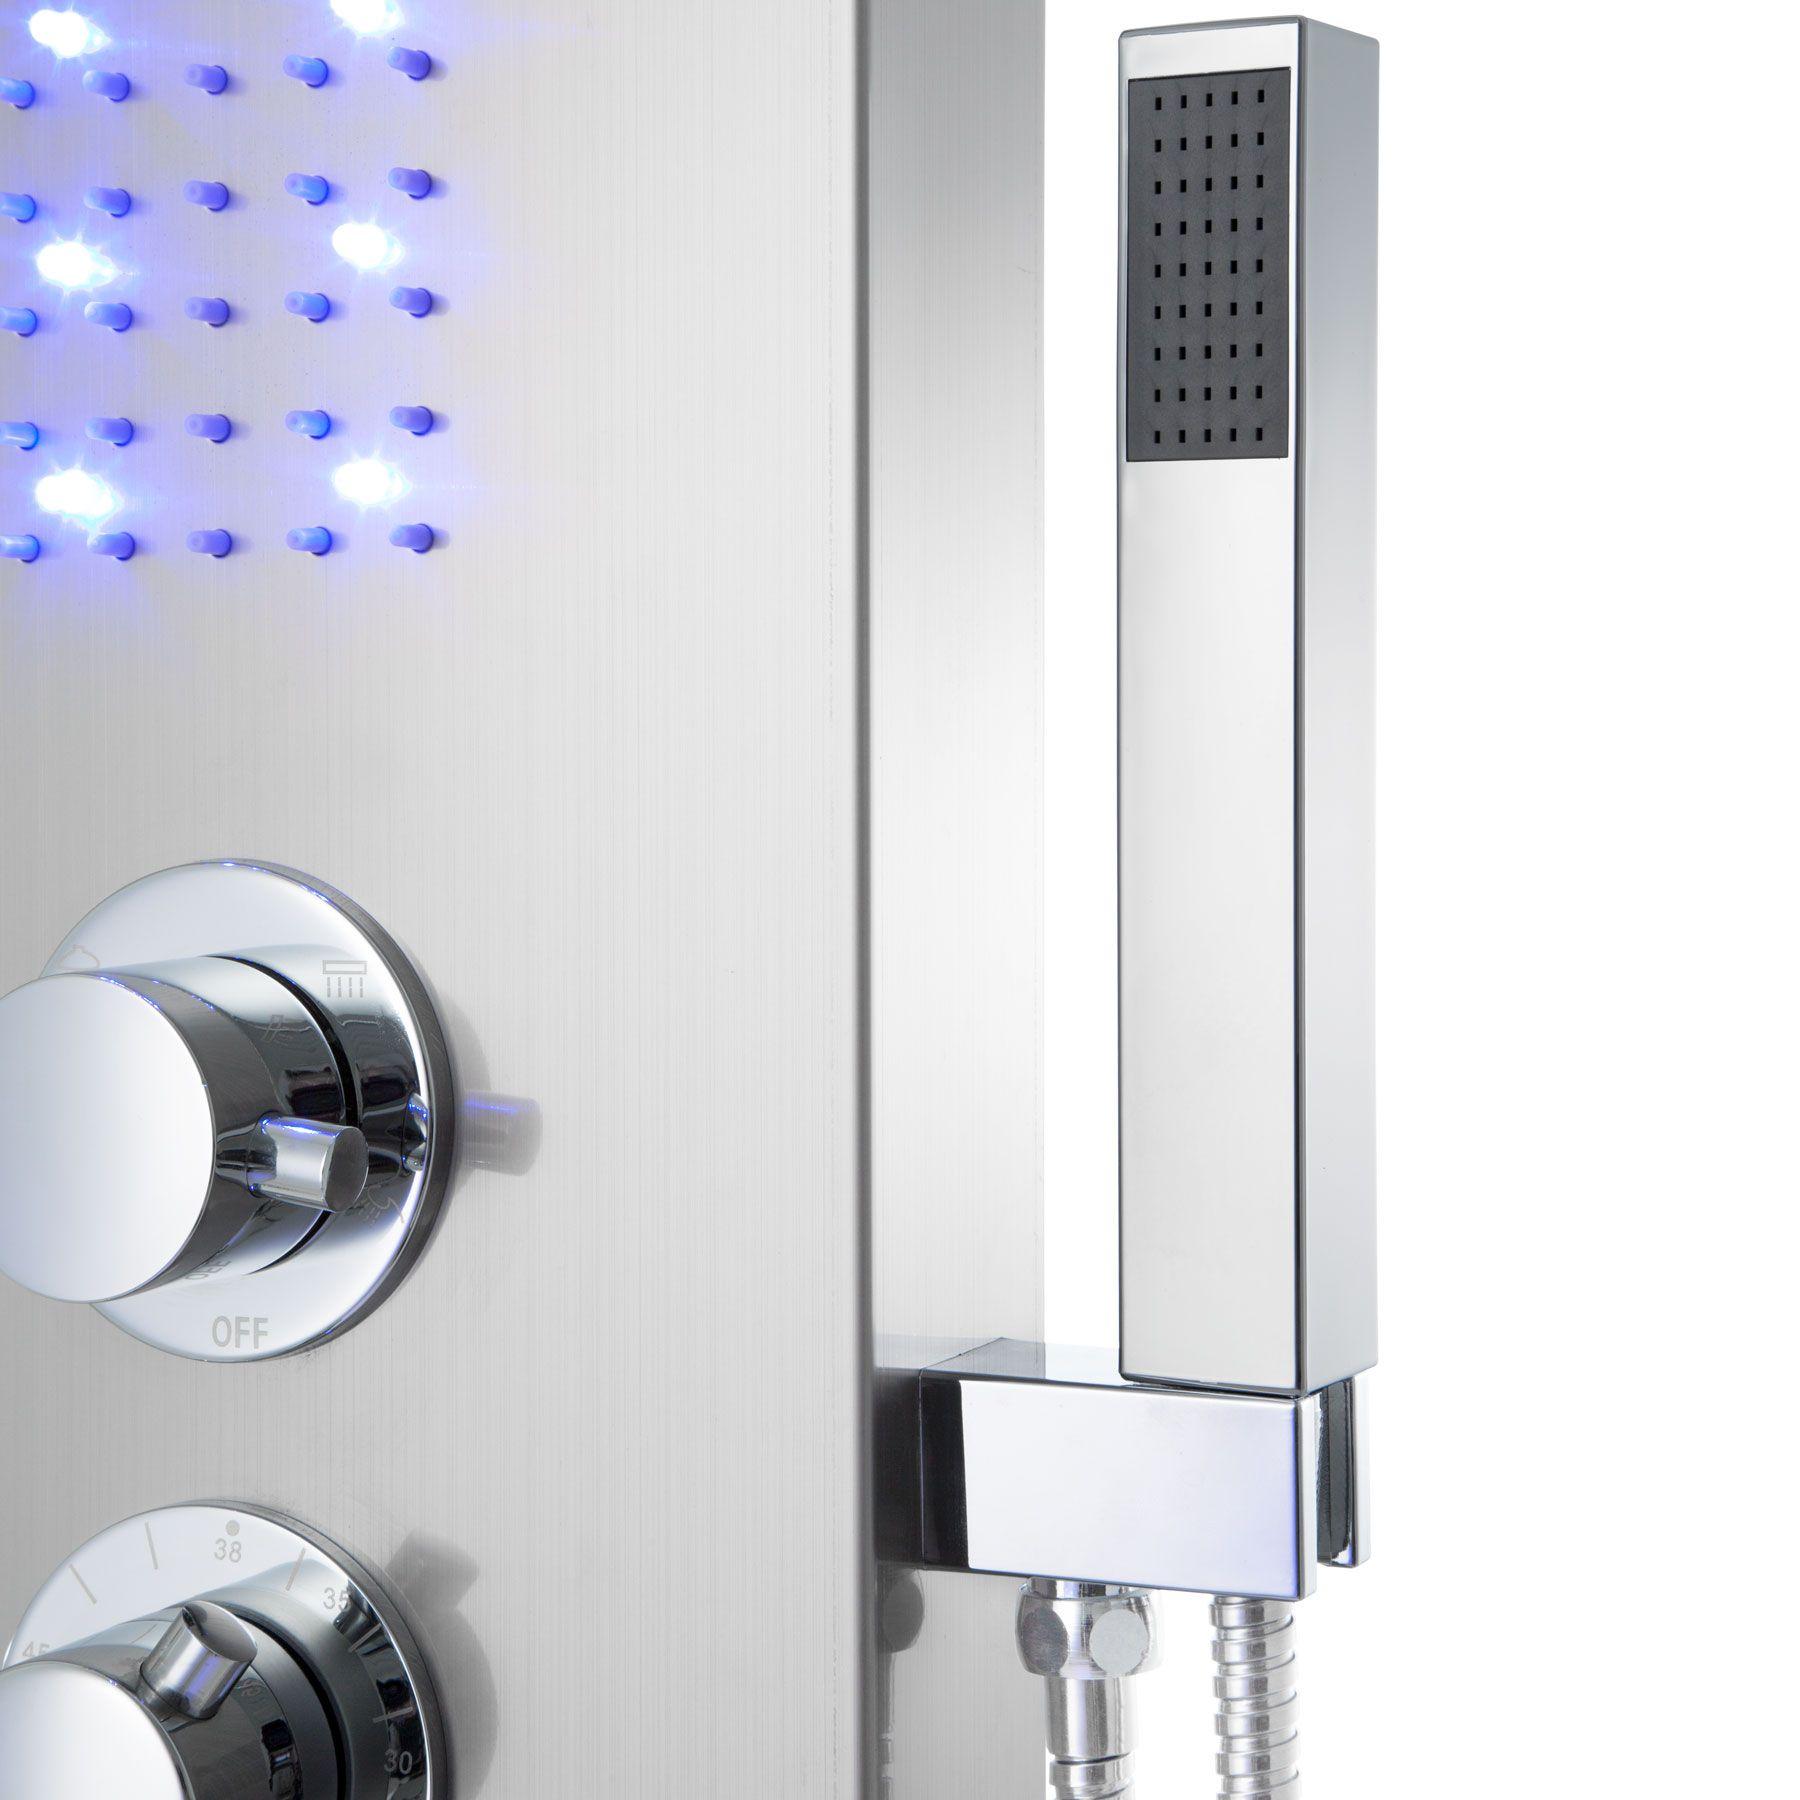 panneau de douche led cascade effet pluie colonne de douche salle de bain jets ebay. Black Bedroom Furniture Sets. Home Design Ideas